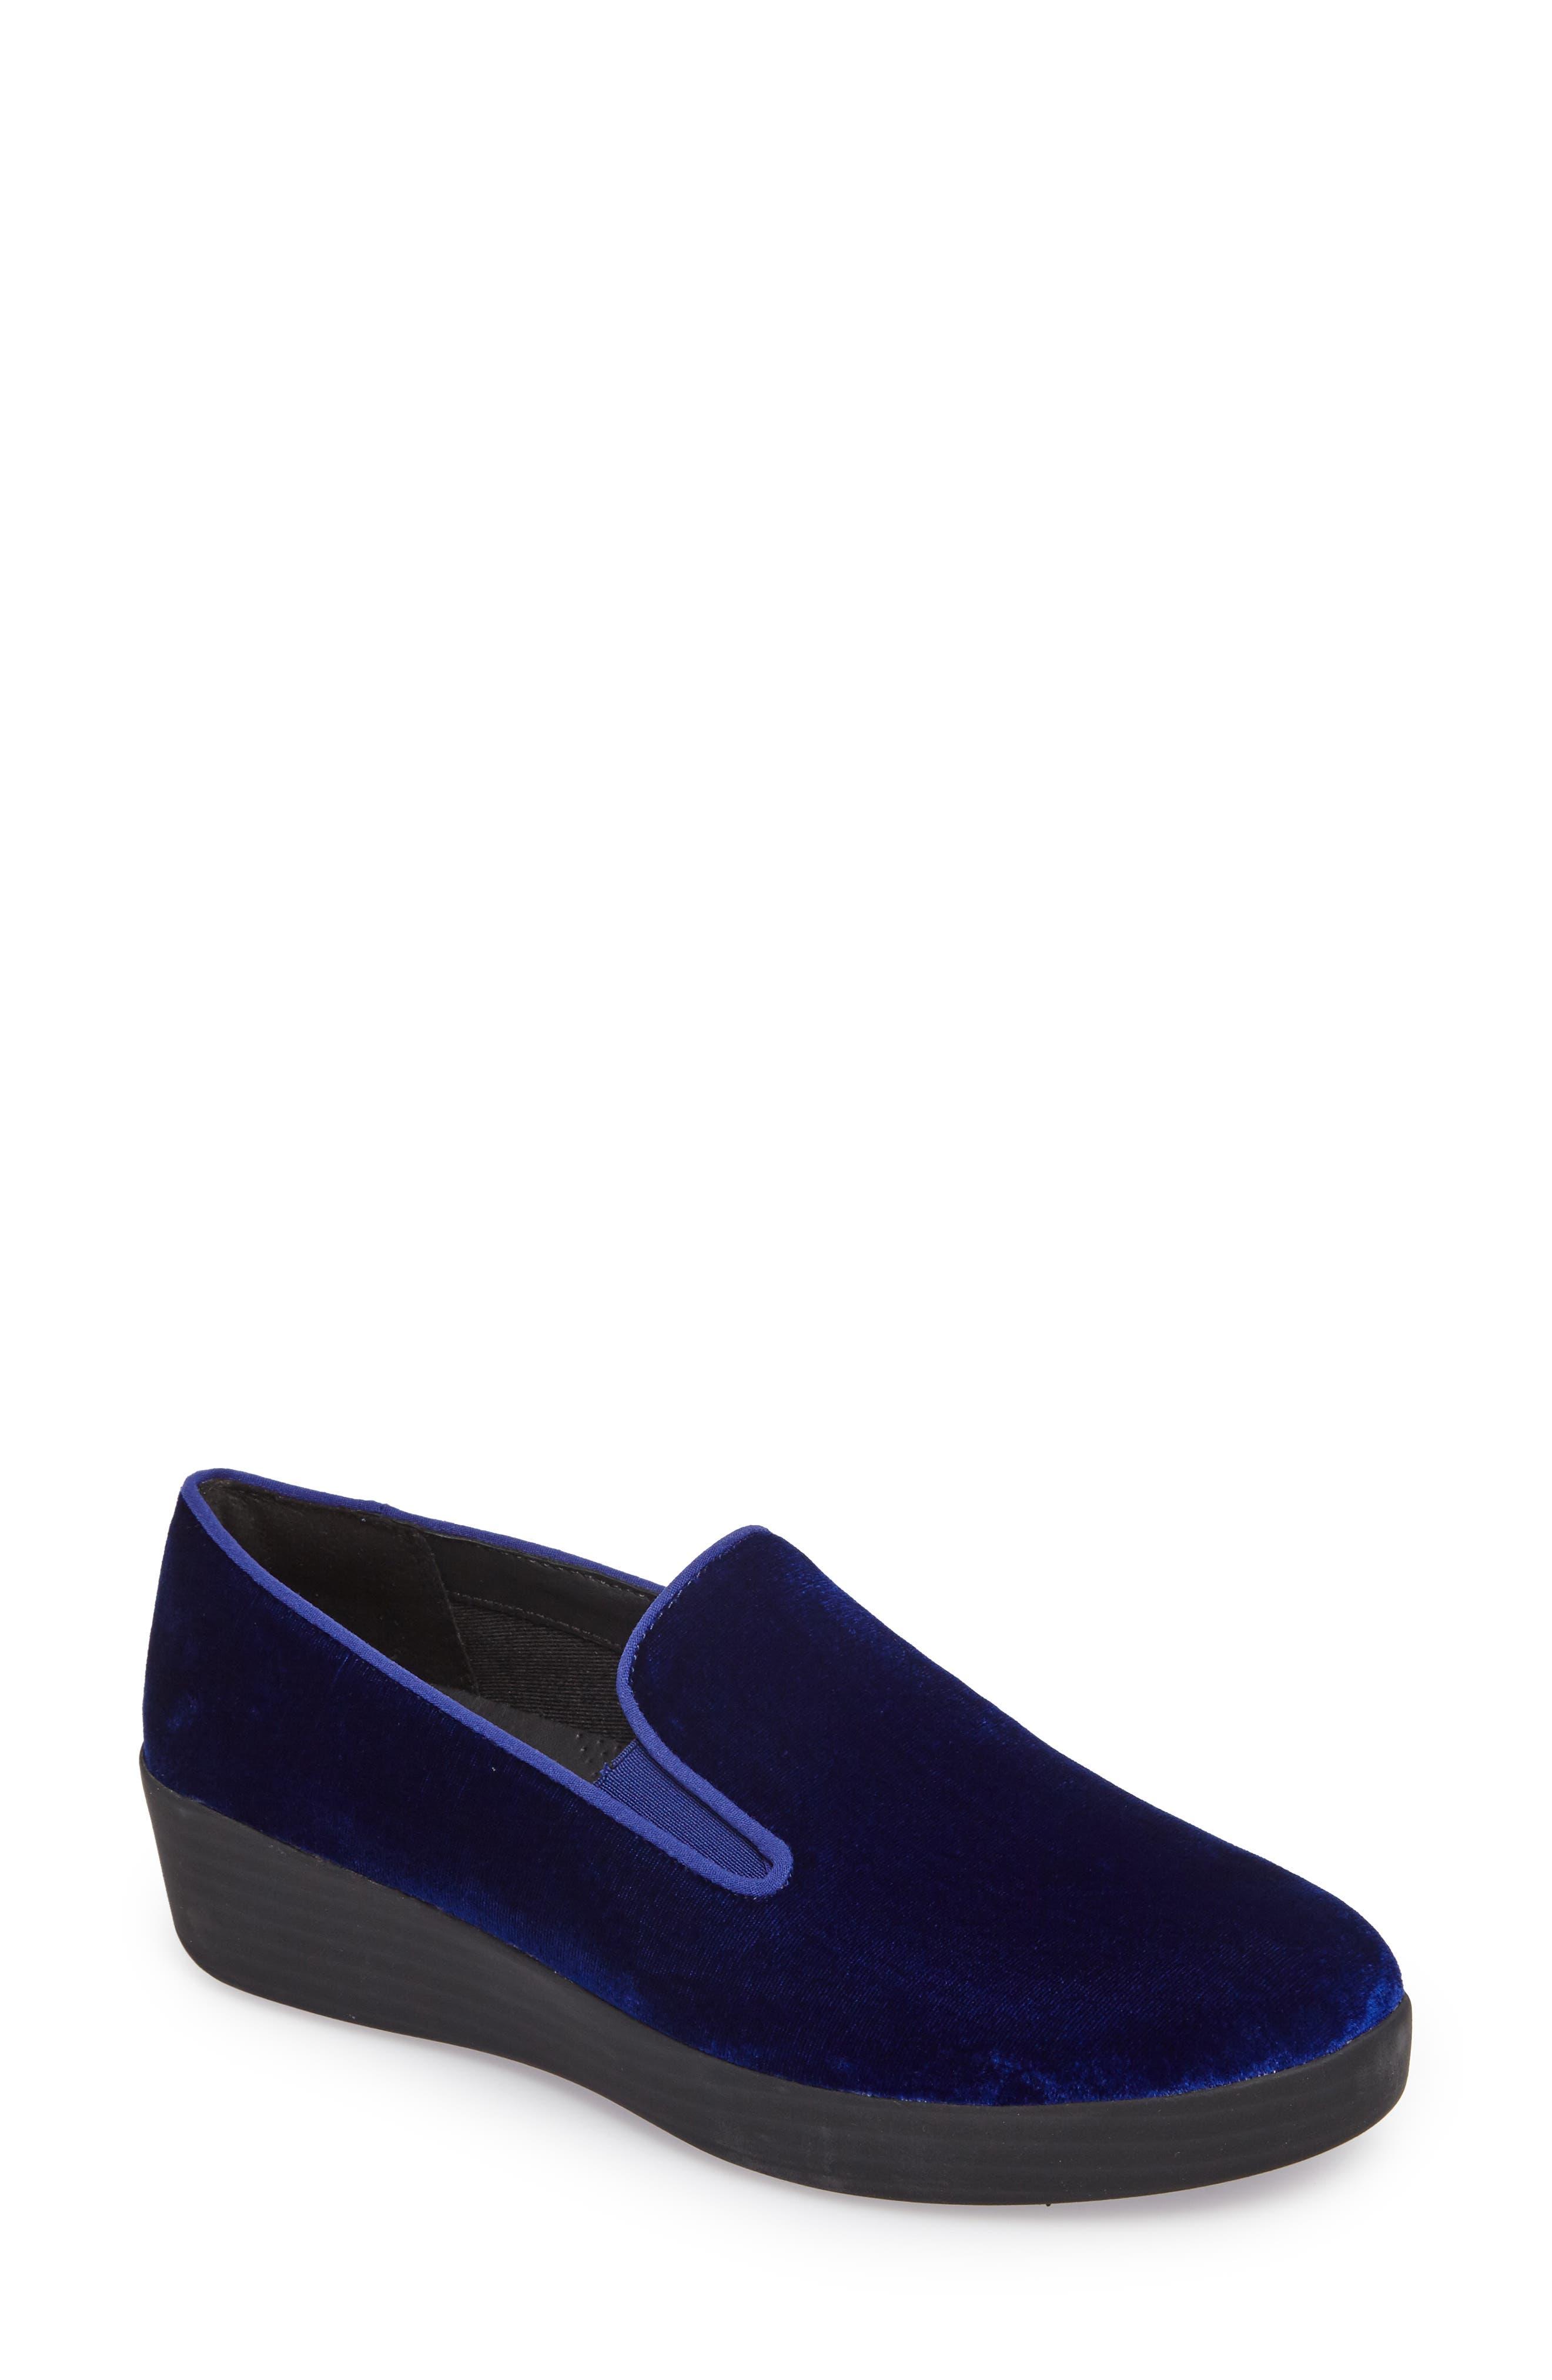 FitFlop Superskate Slip-On Sneaker (Women)